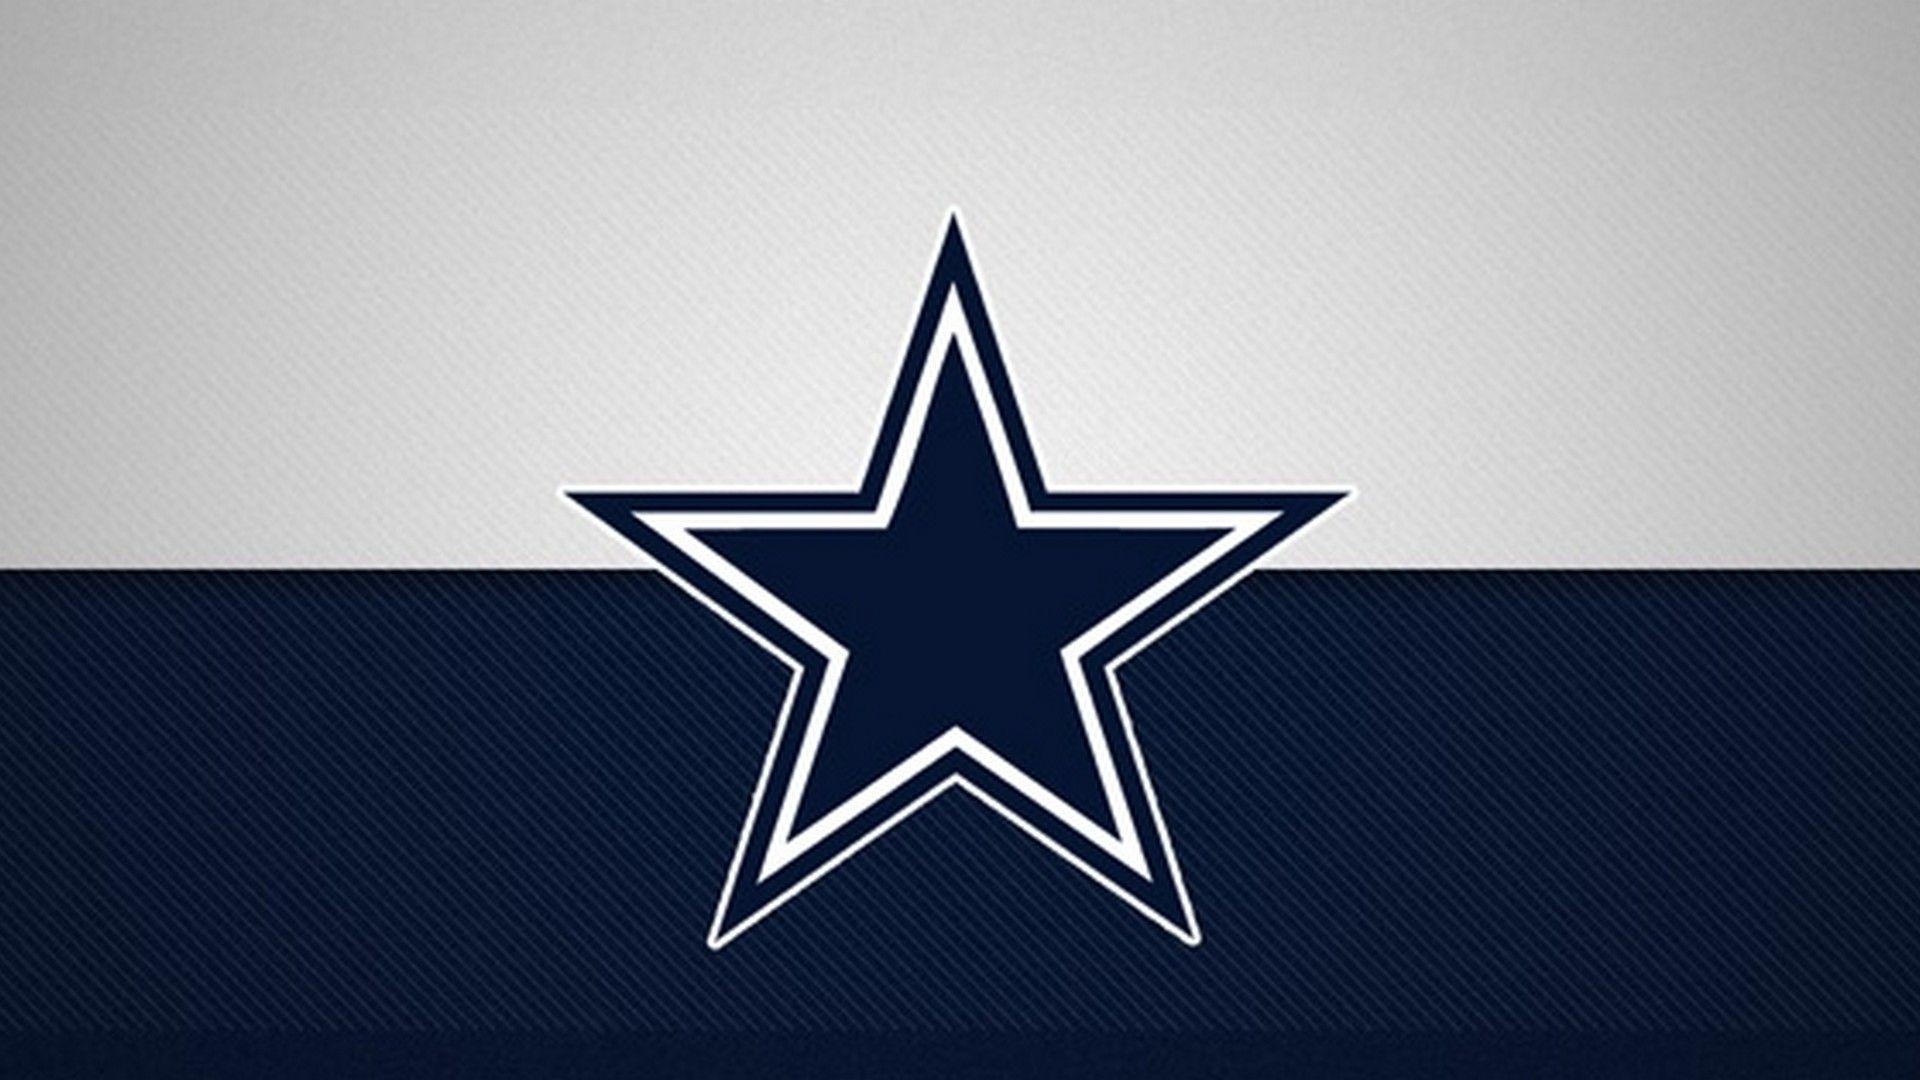 Dallas Cowboys Hd Wallpaper - Century 21 Judge Fite Co ...